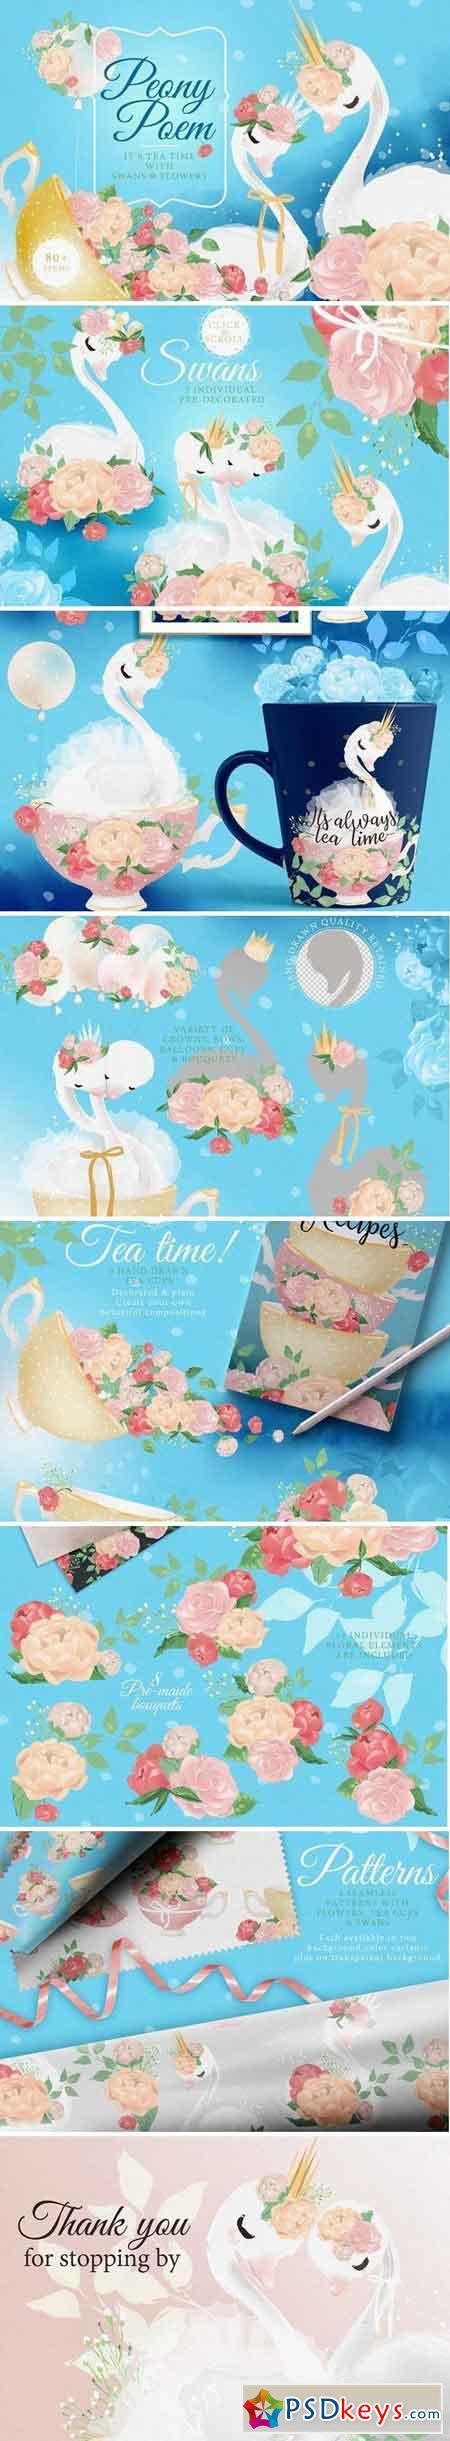 Peony Poem - Tea Time 2421335